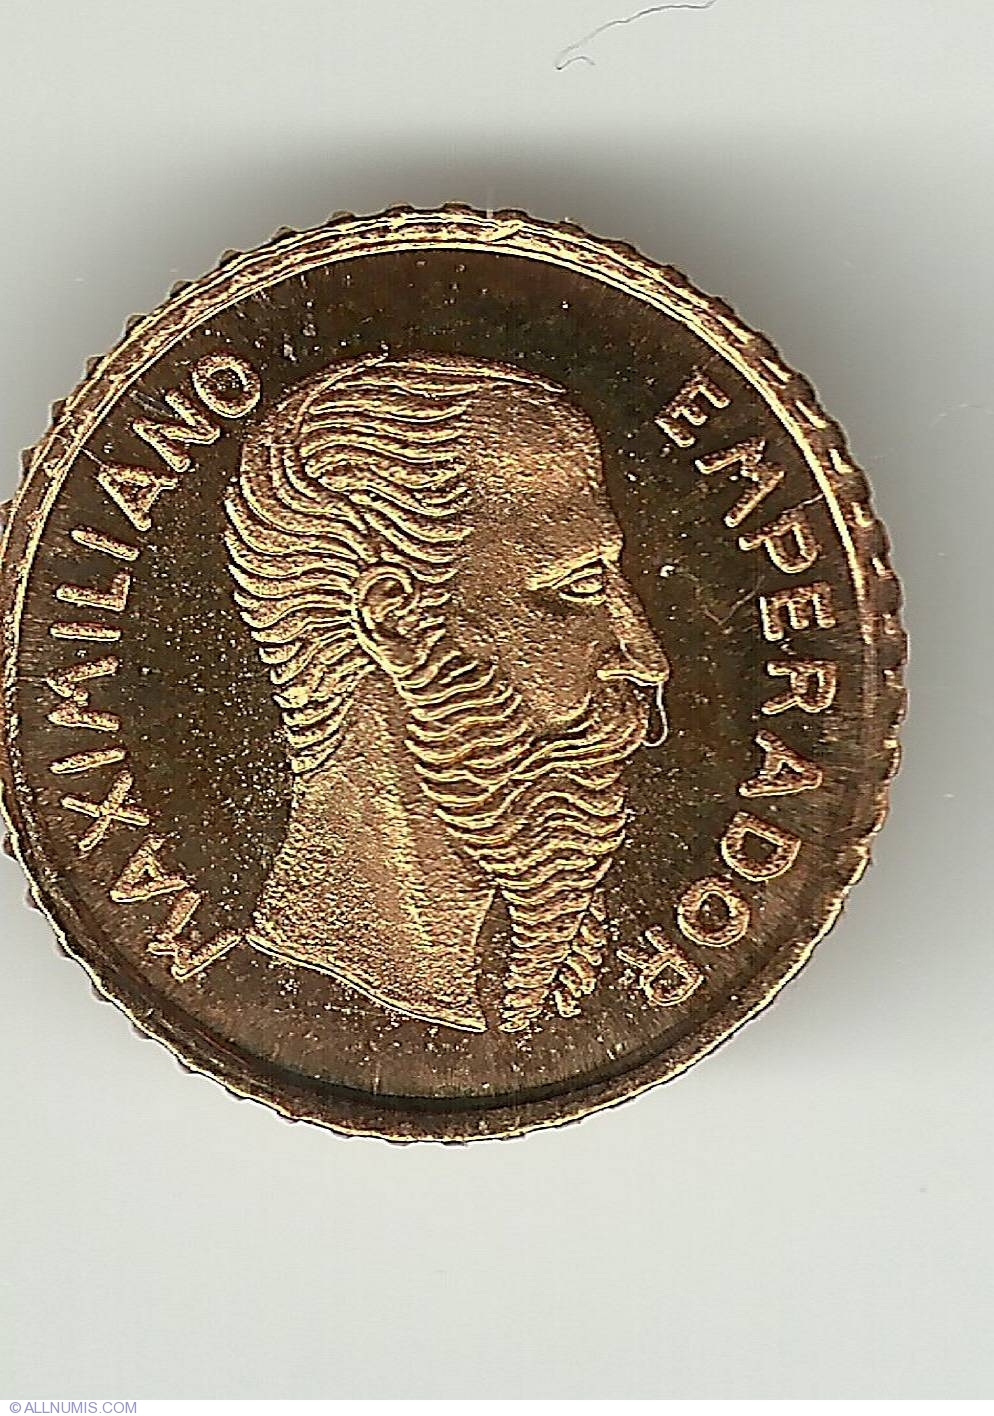 Emperador Maximiliano 1865, Mexico - Fantasy coins - Coin